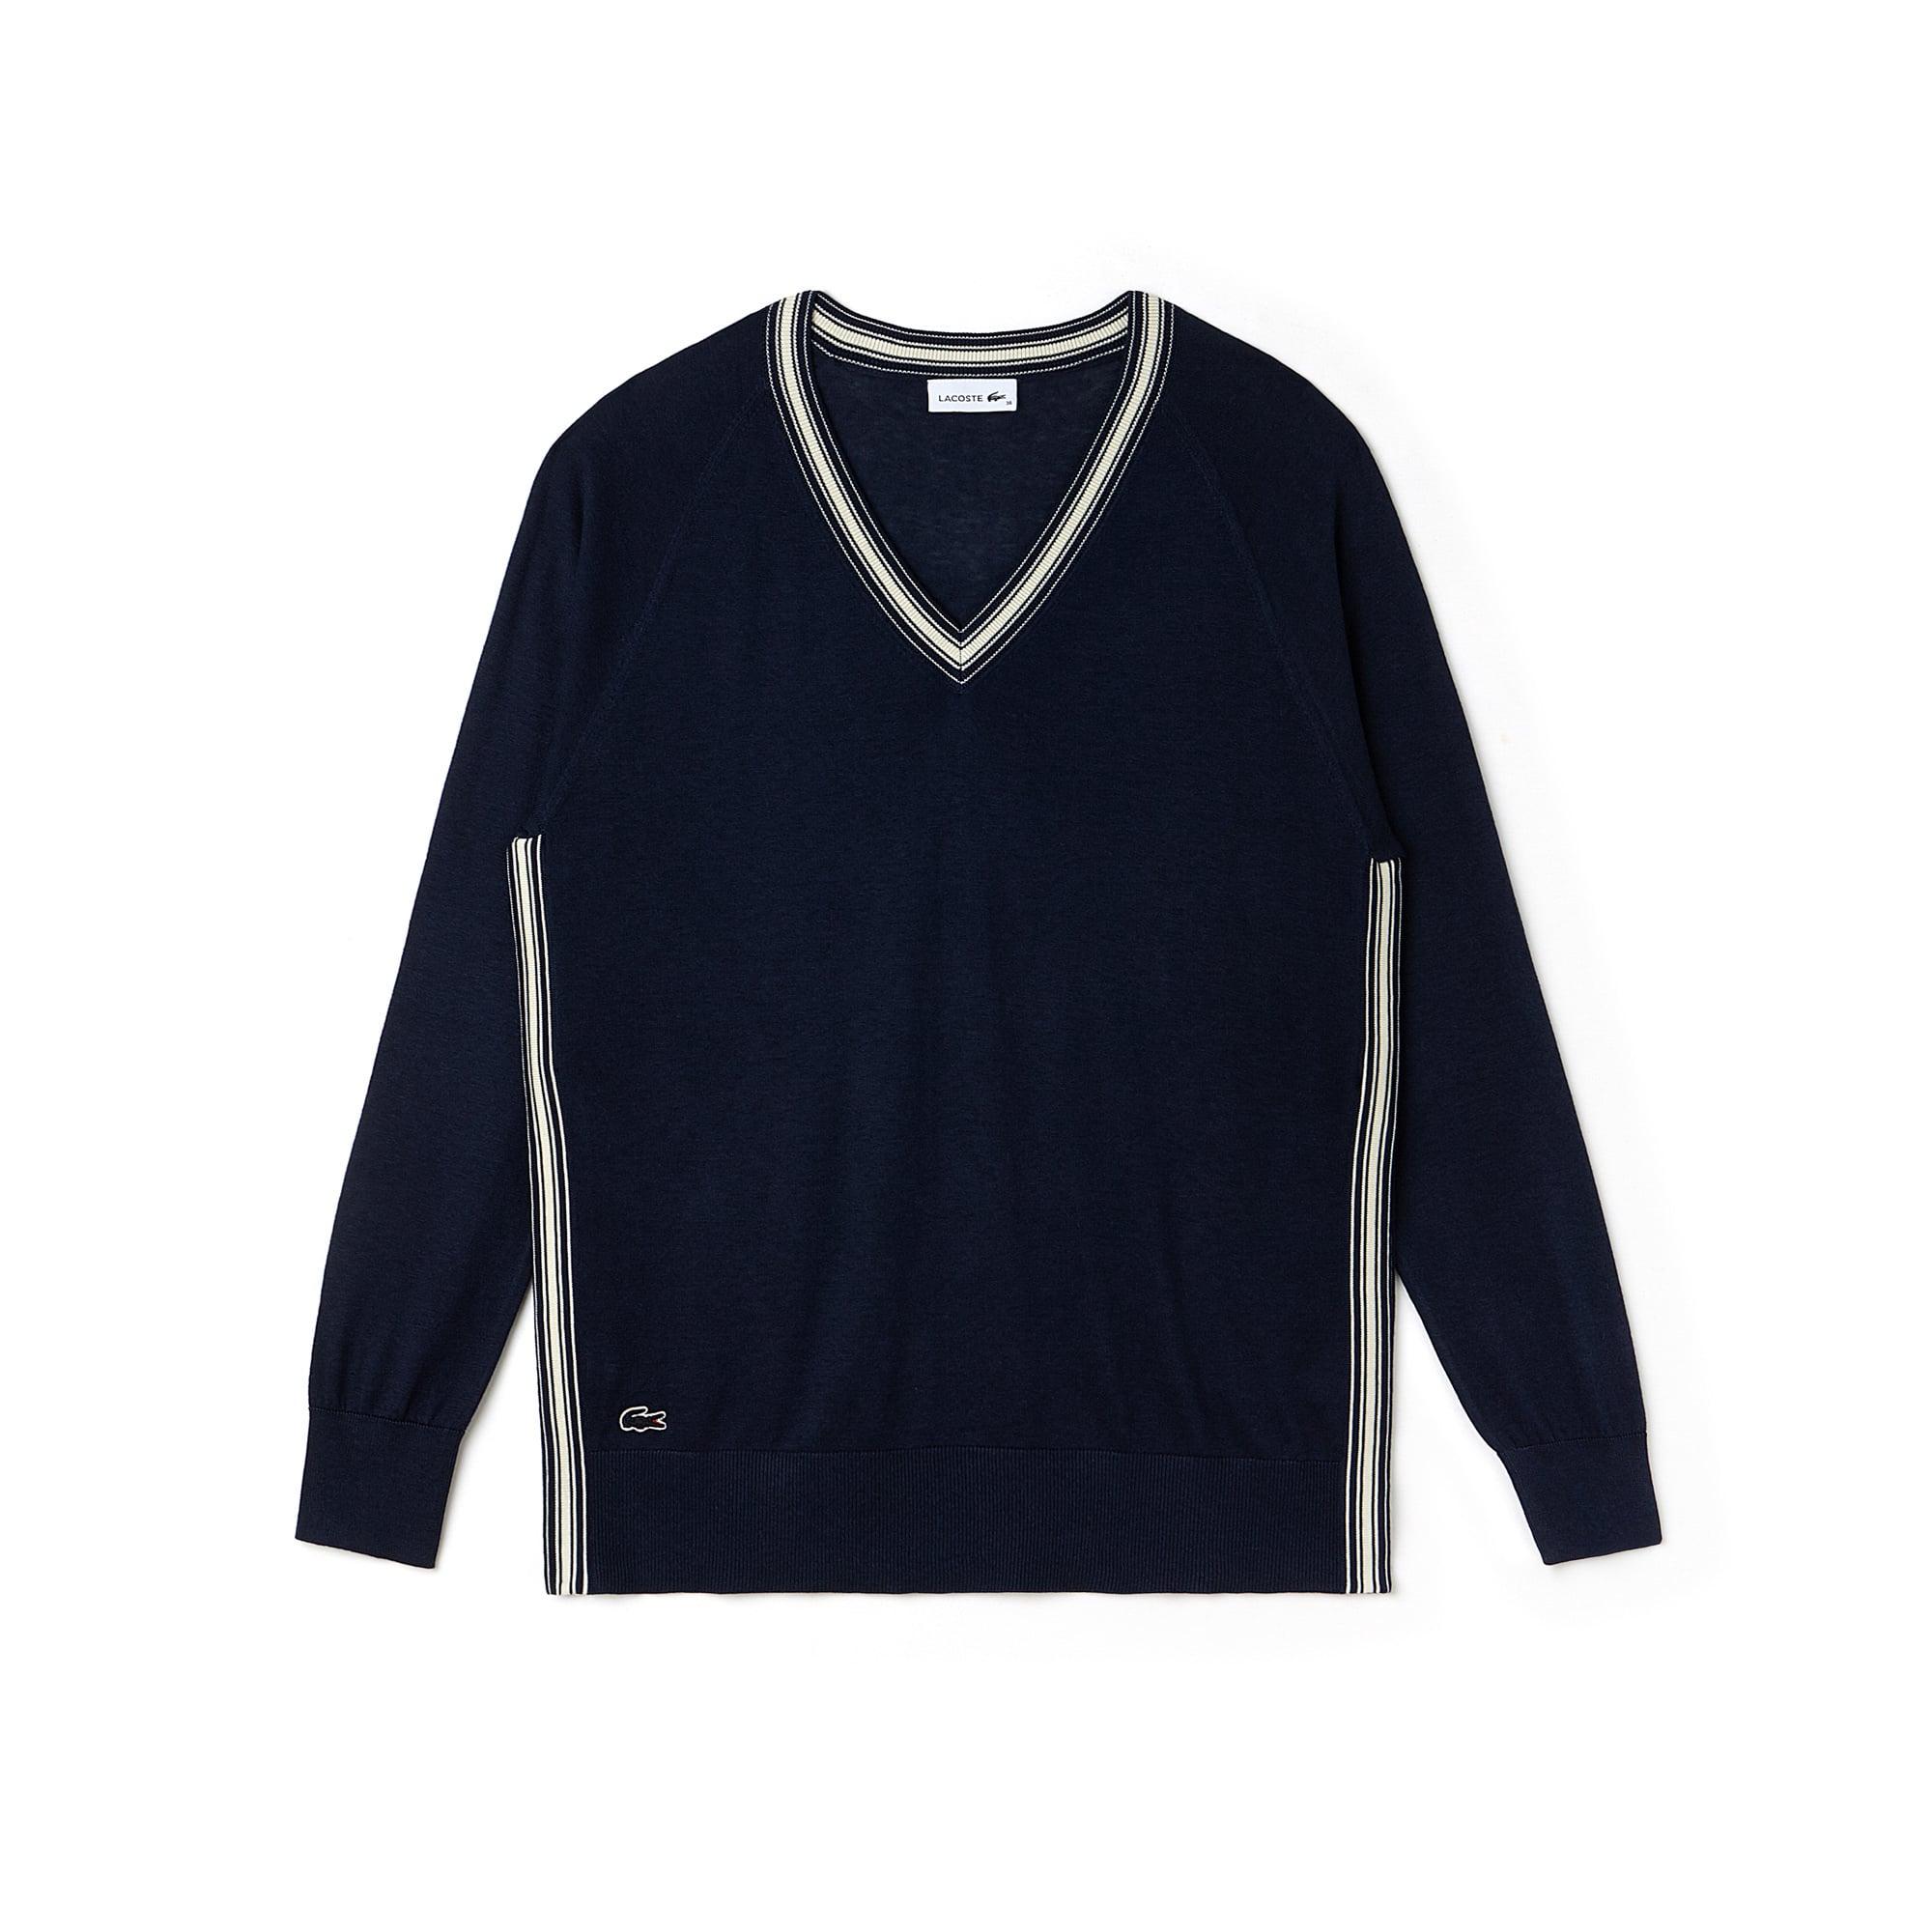 Camisola decote em V com racha em jersey de seda e algodão com debruado